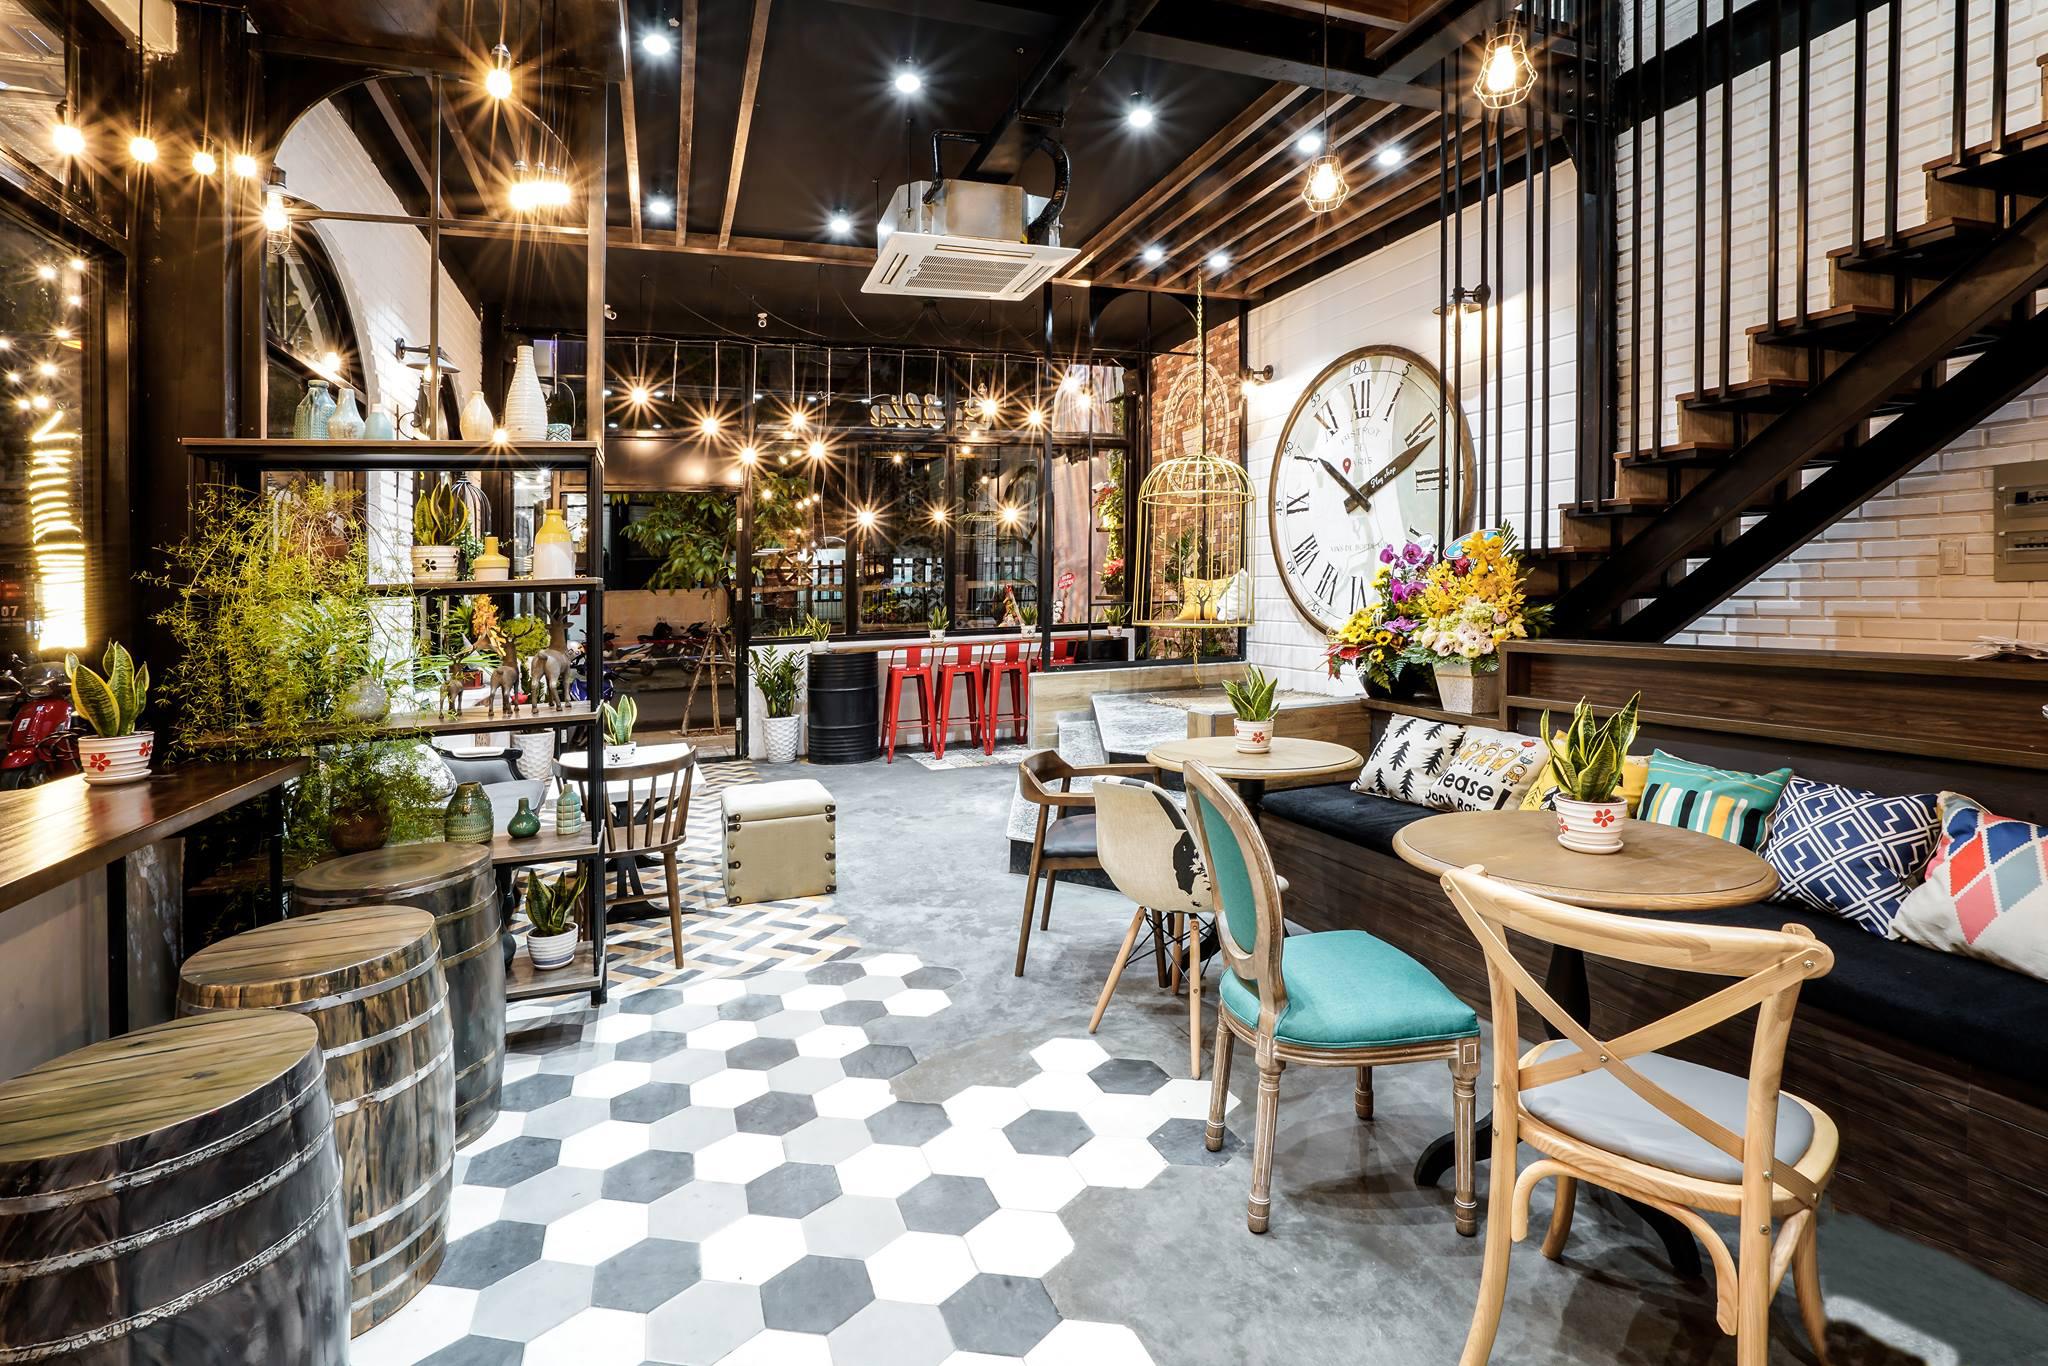 Thiết kế quán cafe không gian nhỏ hẹp